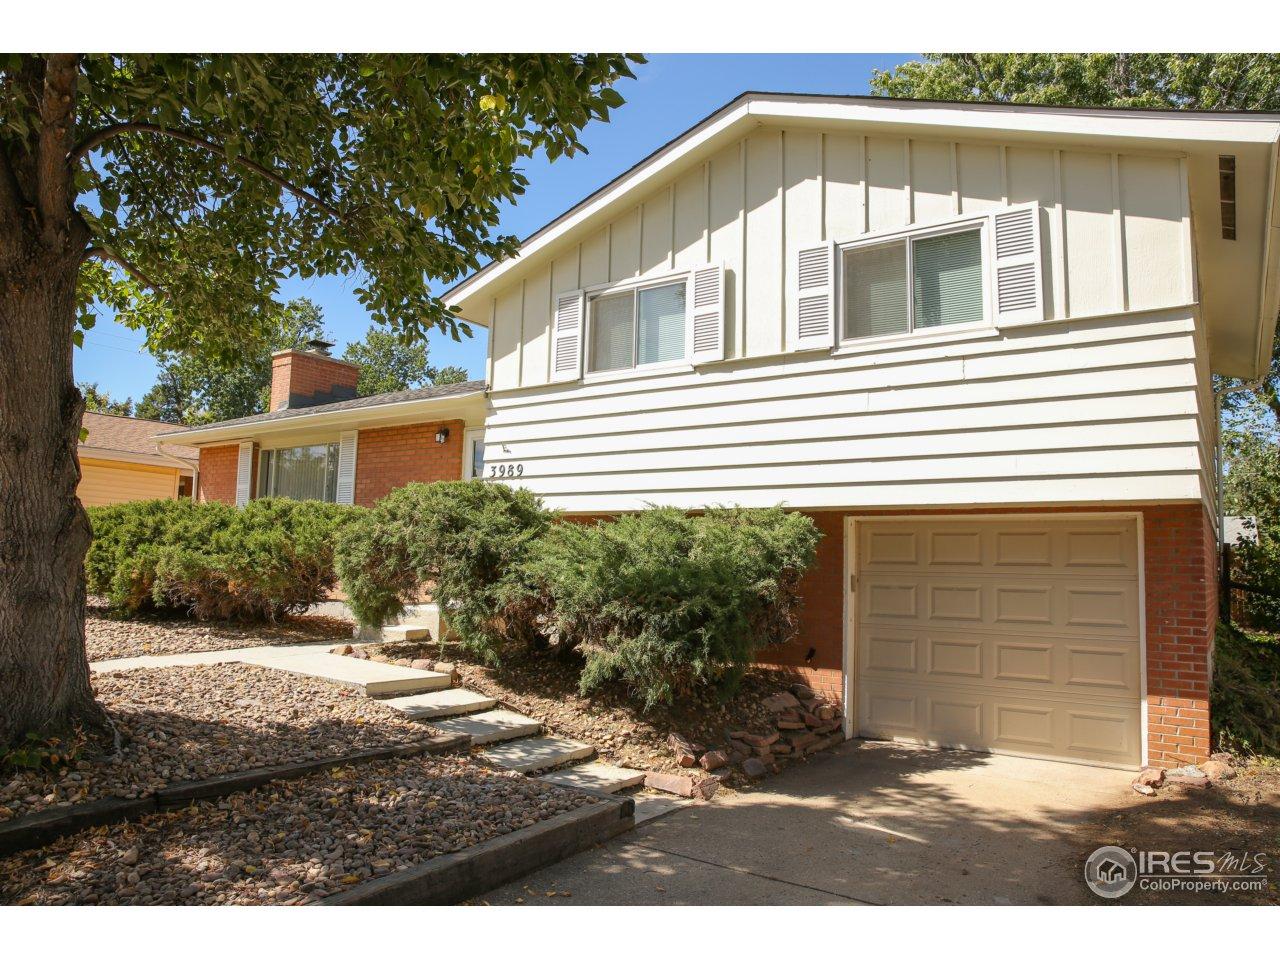 3989 Fuller Ct, Boulder CO 80305